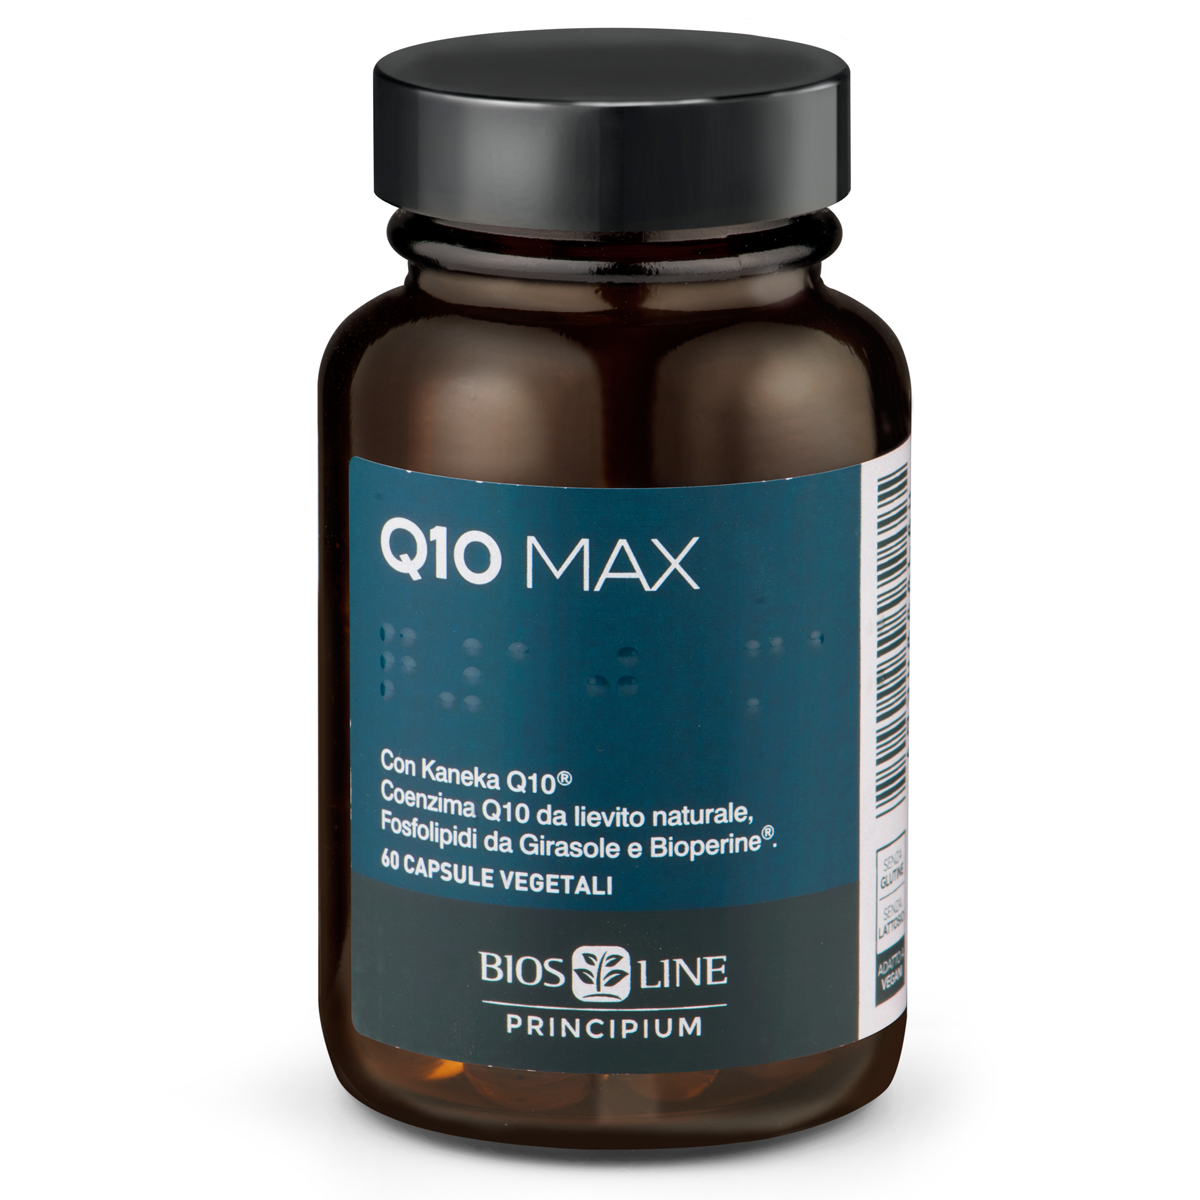 Q10 MAX Principium Bios Line